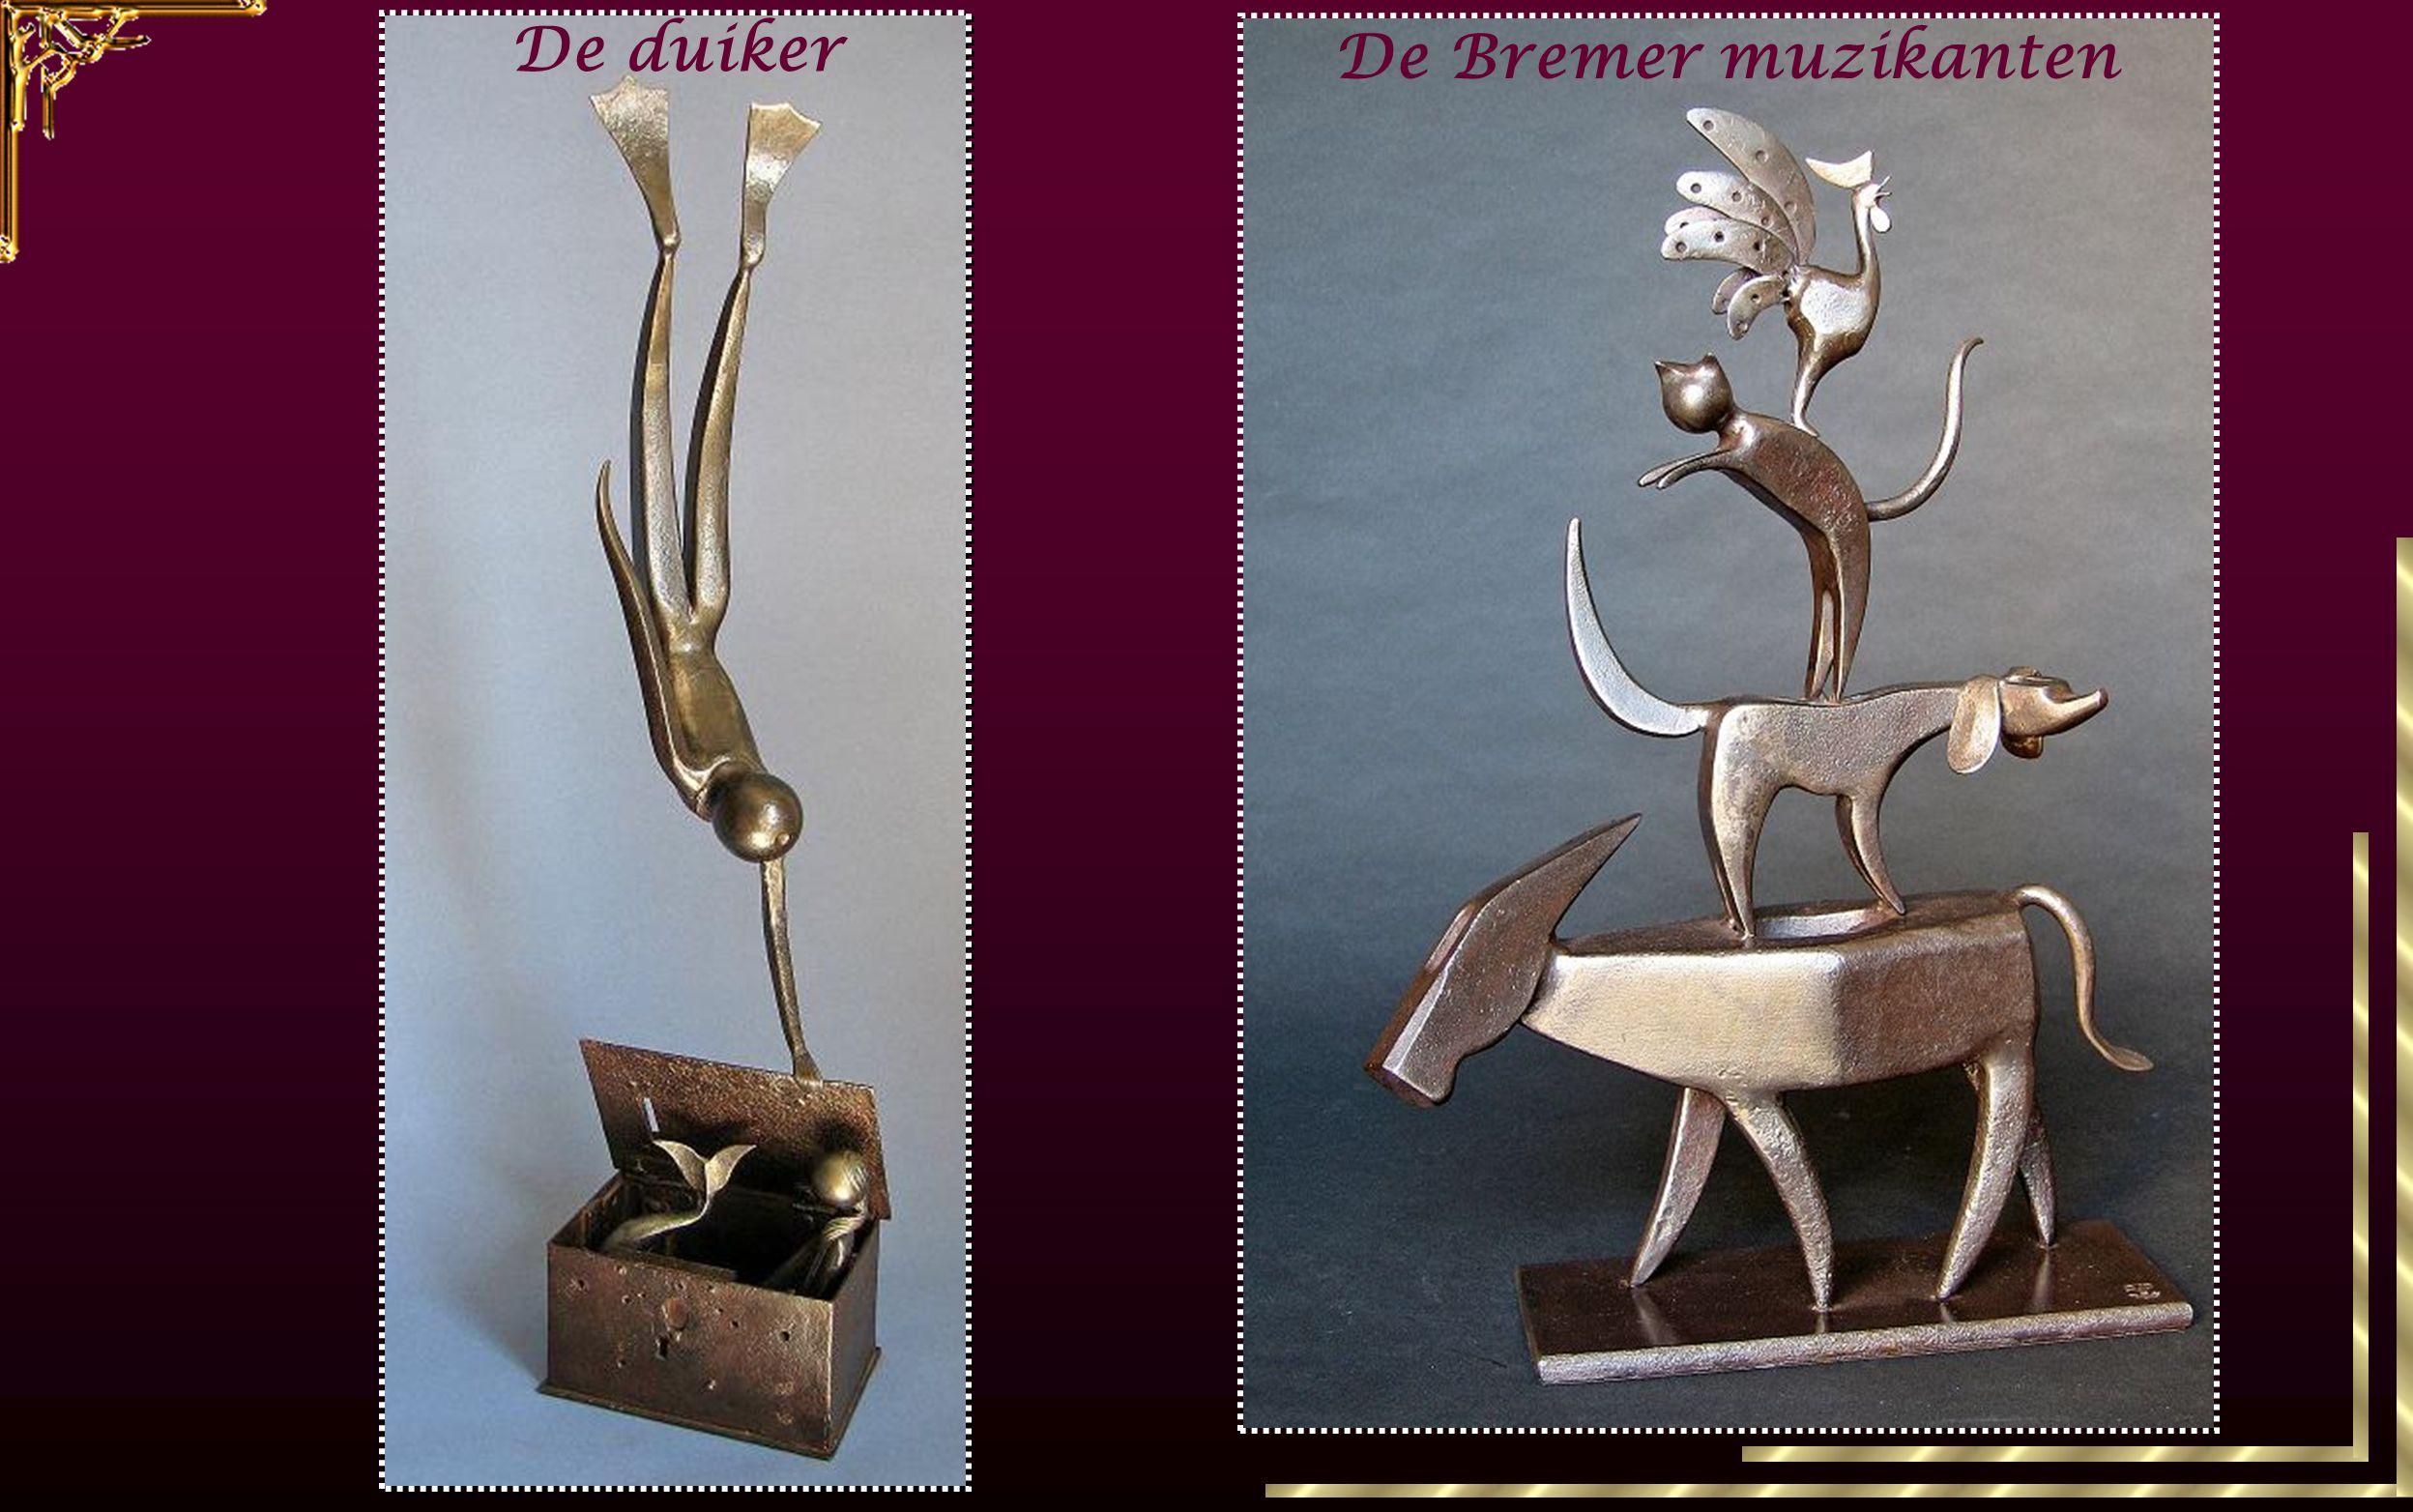 oud gereedschapijzeren voorwxerpen Deze beeldhouwer vindt zijn inspiratie in oud gereedschap of ijzeren voorwxerpen die hij via assemblage transformee